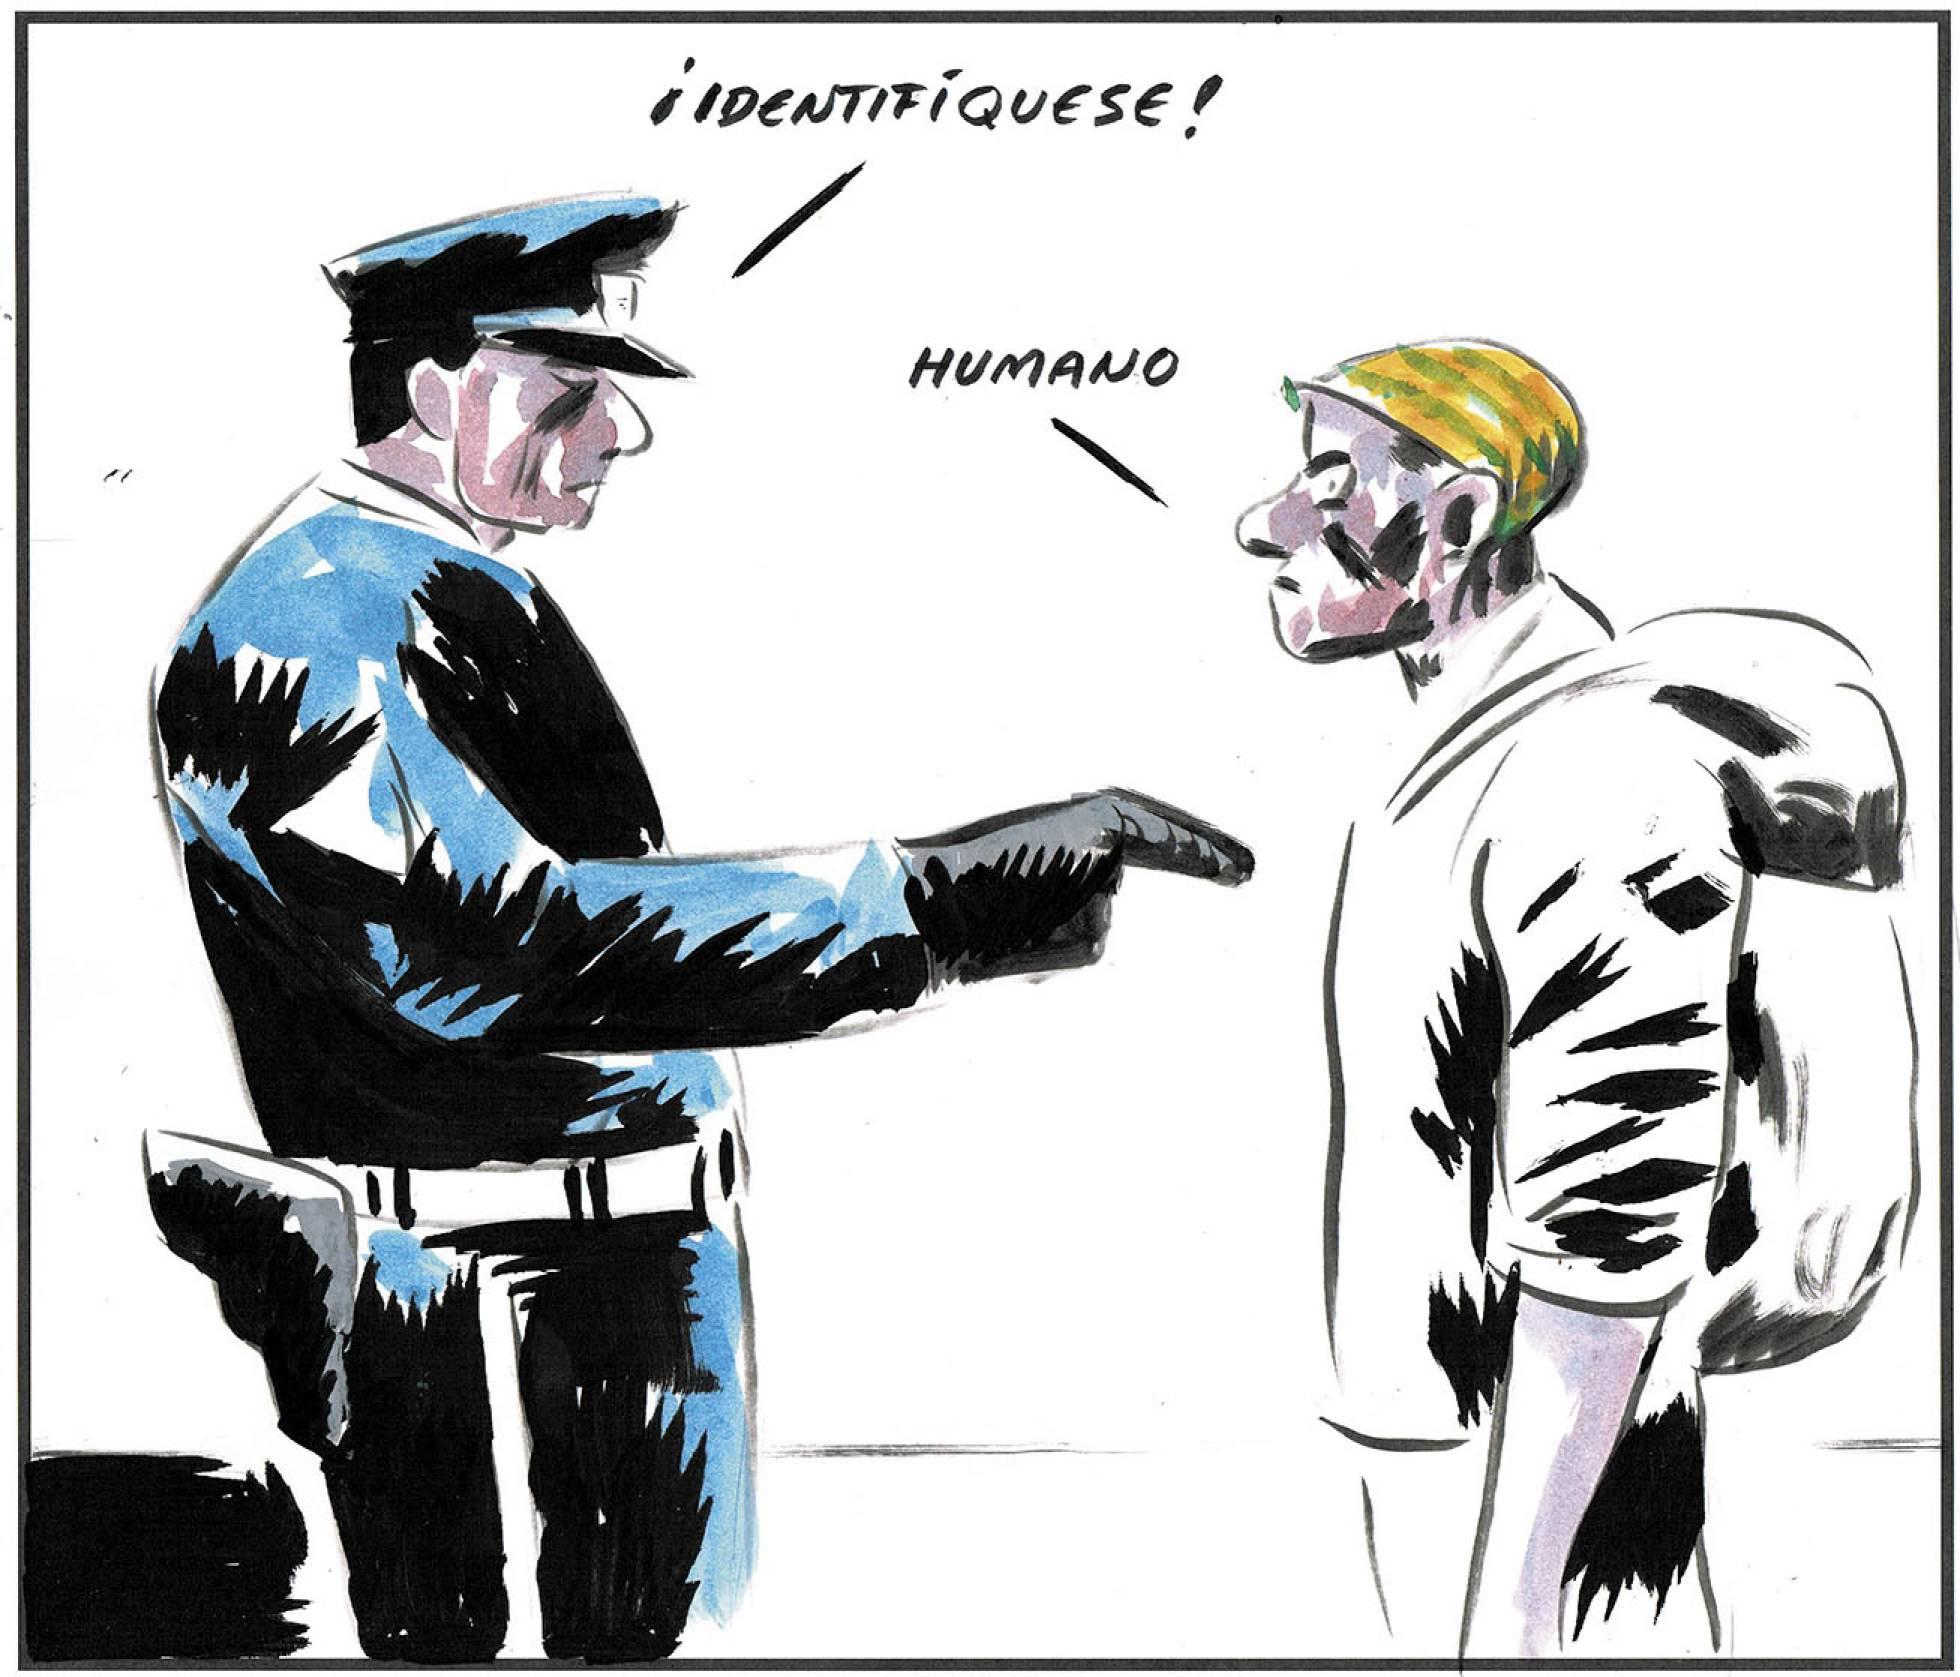 Ilustraciones sueltas chulas encontradas por el internete - Página 4 1473946486_071122_1473946548_noticia_normal_recorte1